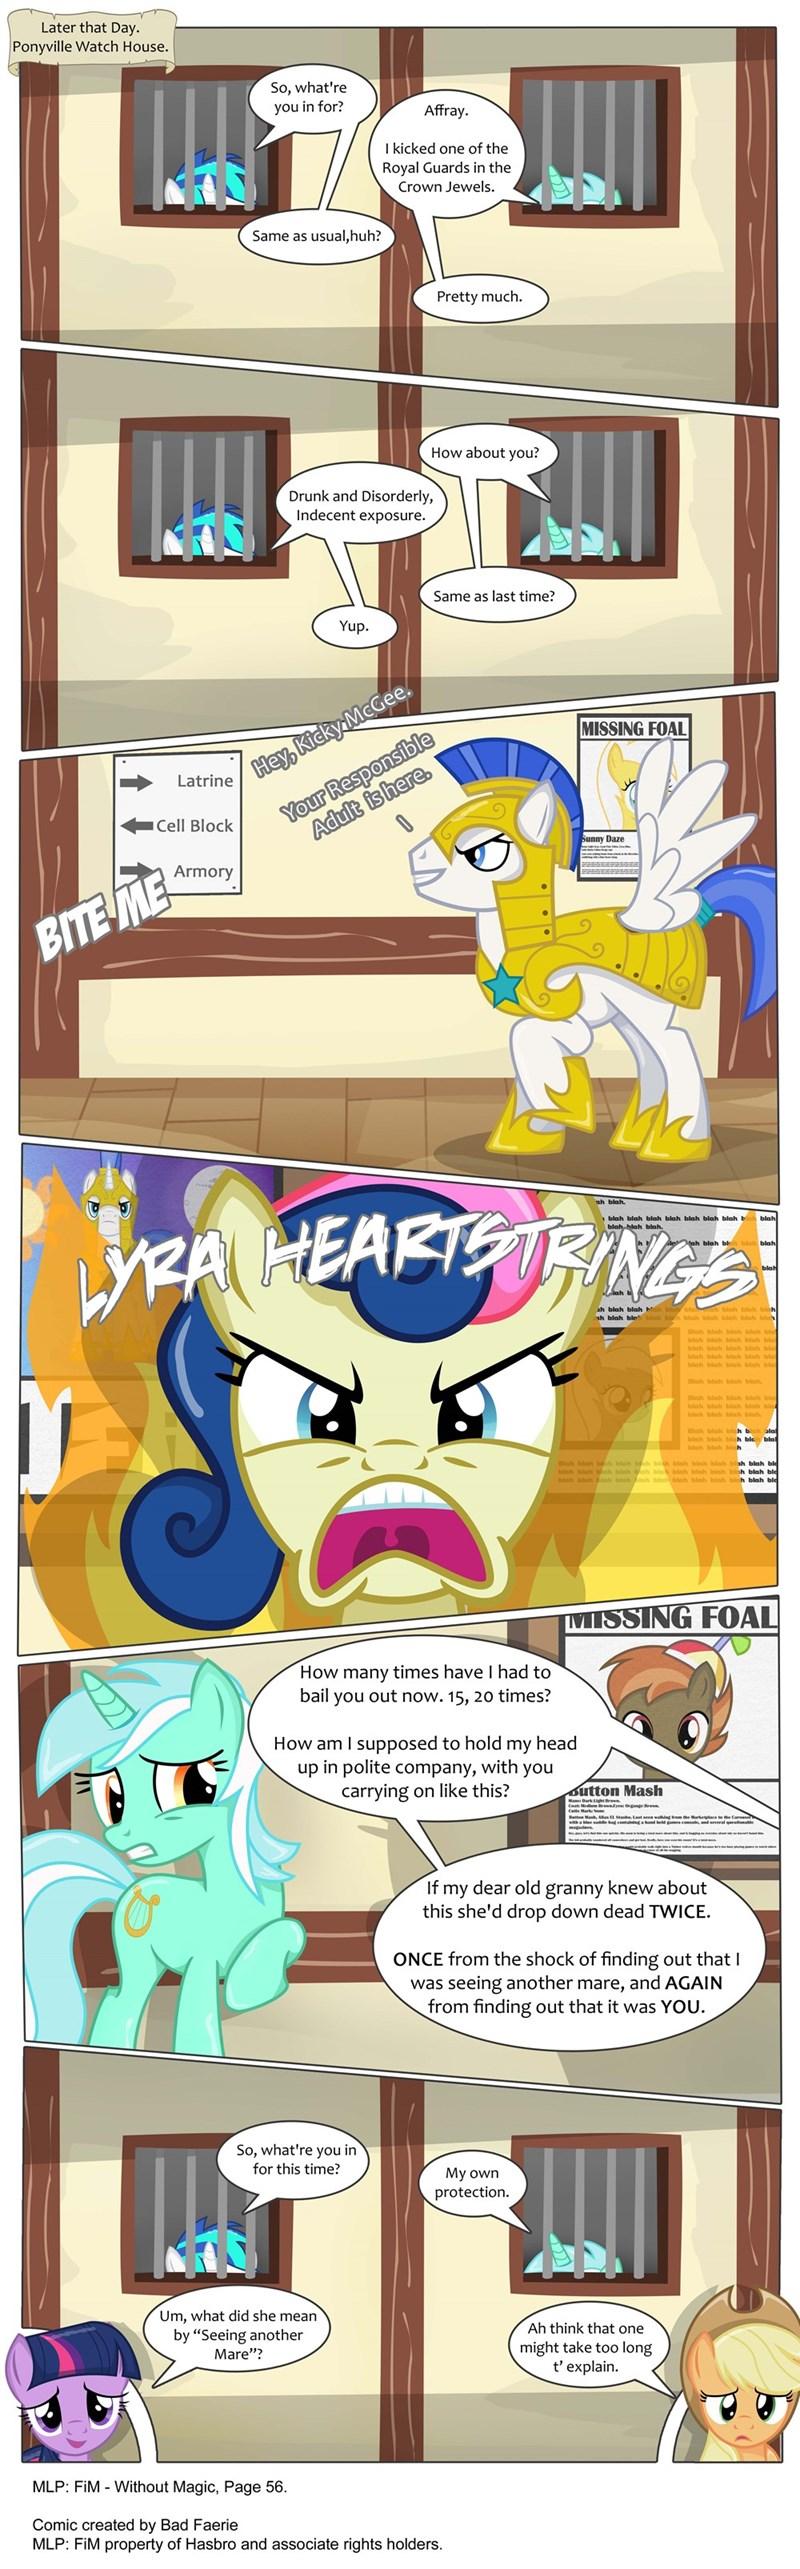 applejack twilight sparkle lyra heartstrings vinyl scratch dj PON-3 comic bon bon - 8970916096